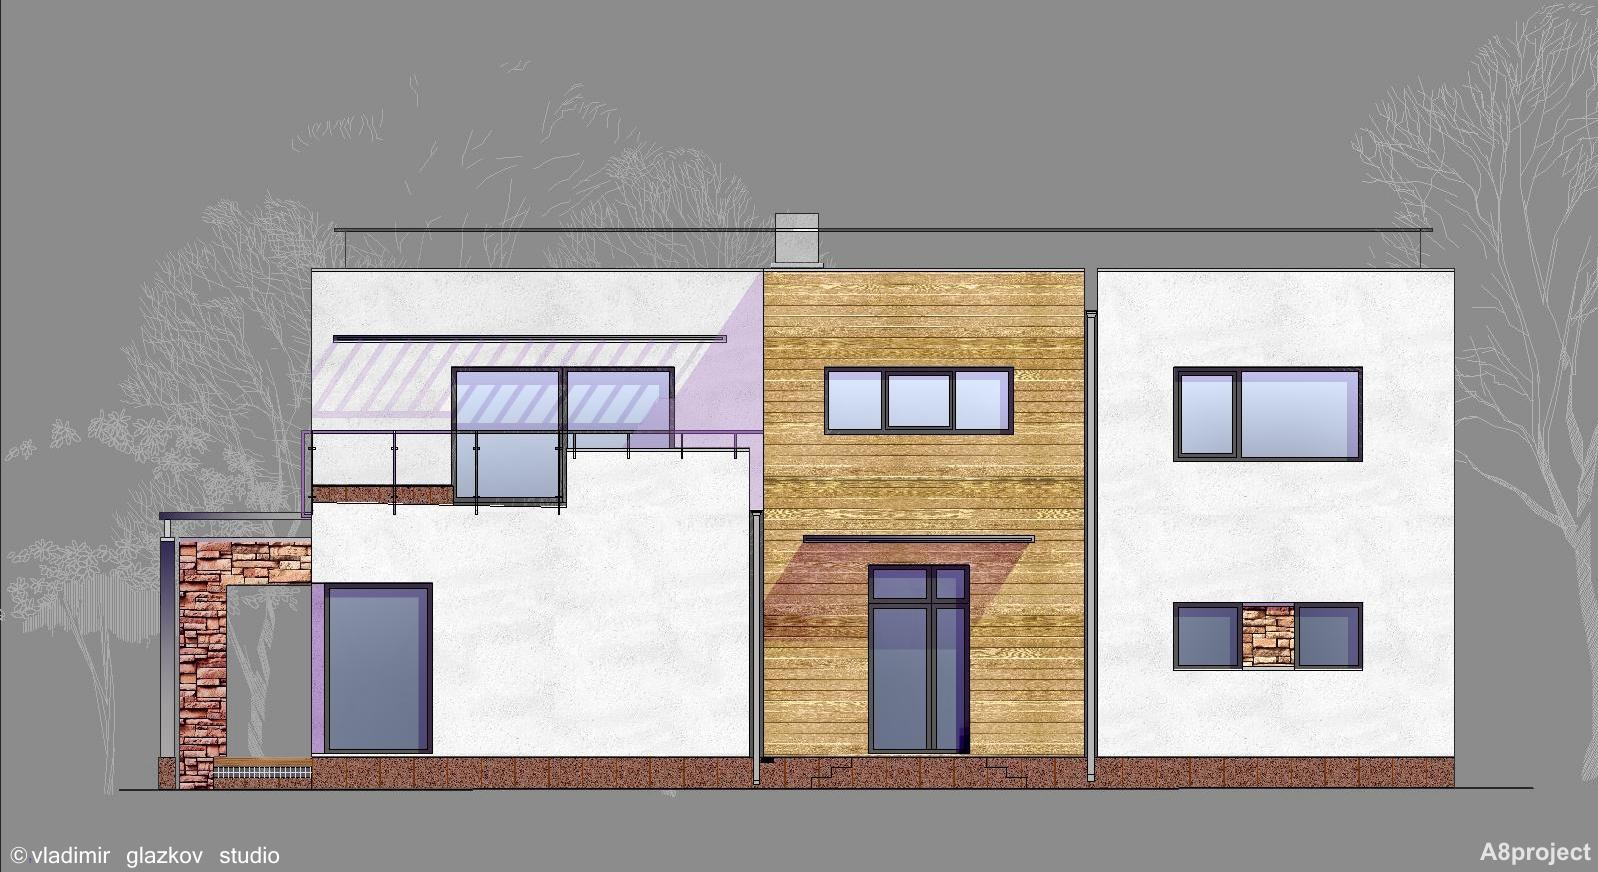 Проект дома с плоской кровлей, террасами и панорамными окнами - проект А8, фасад 1